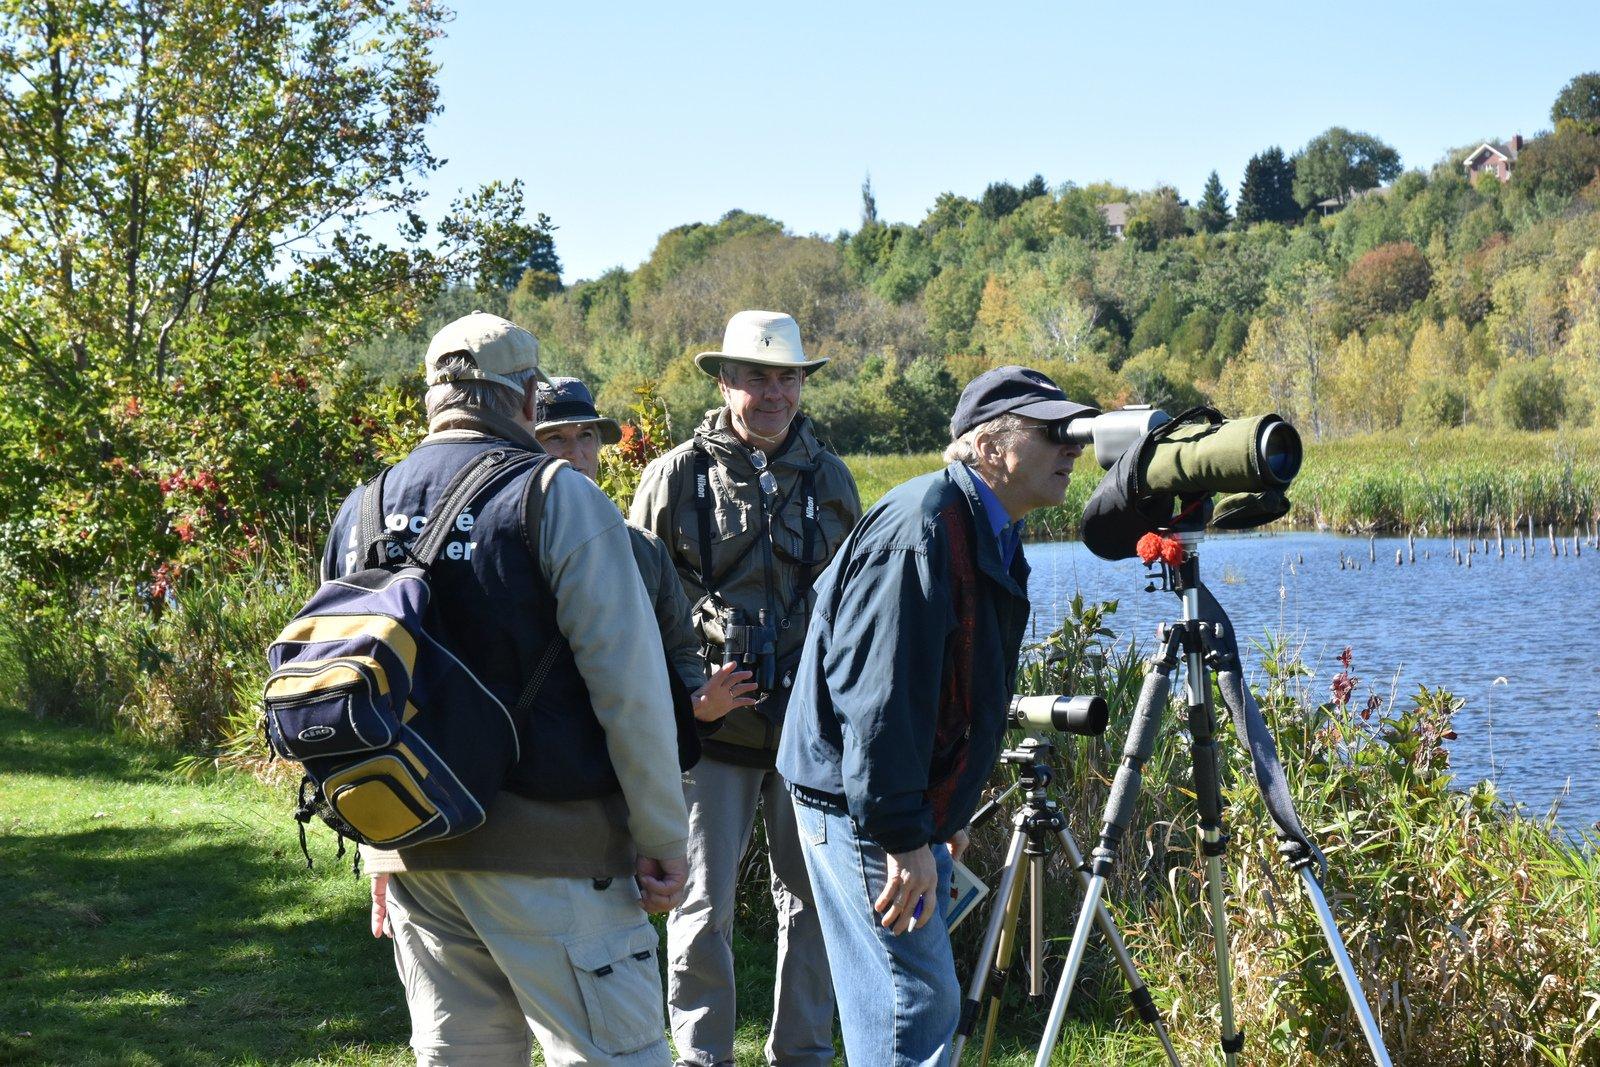 Activité d'ornithologie du 24 septembre 2016 à la Réserve naturelle du Marais-Léon-Provancher (Photo: Robert Patenaude)